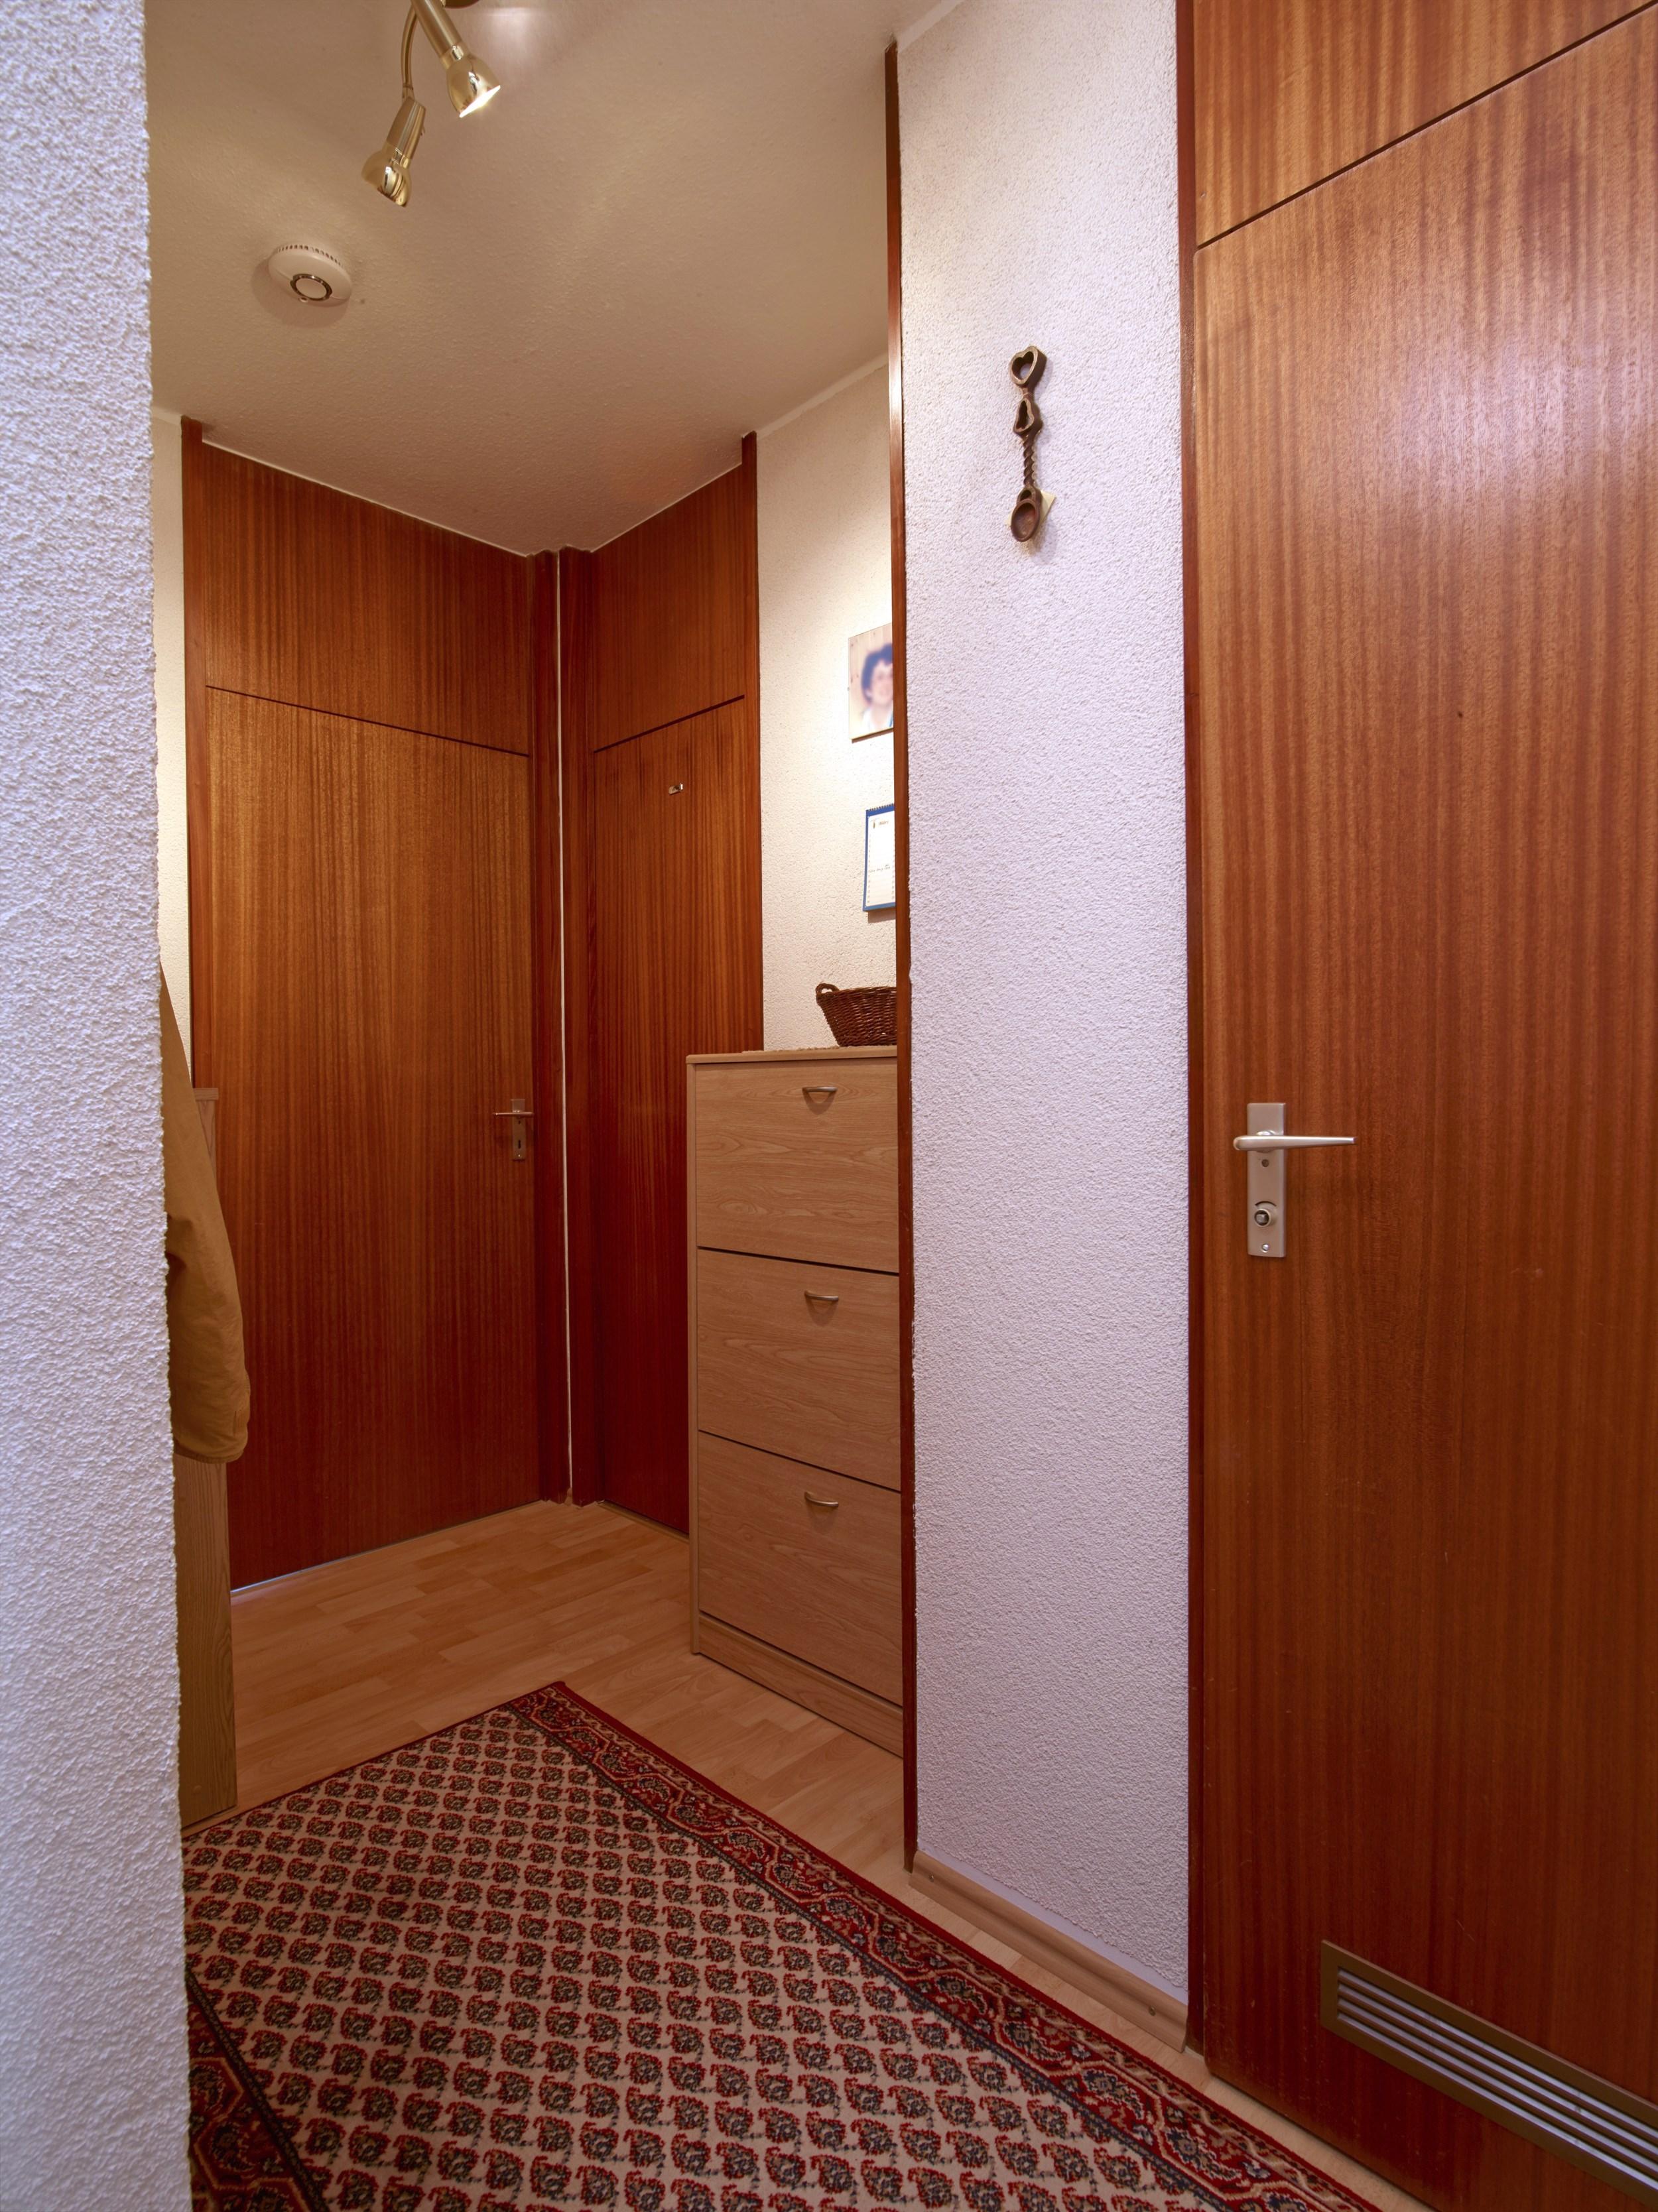 kundenbeispiele t renrenovierung portas renovierung. Black Bedroom Furniture Sets. Home Design Ideas